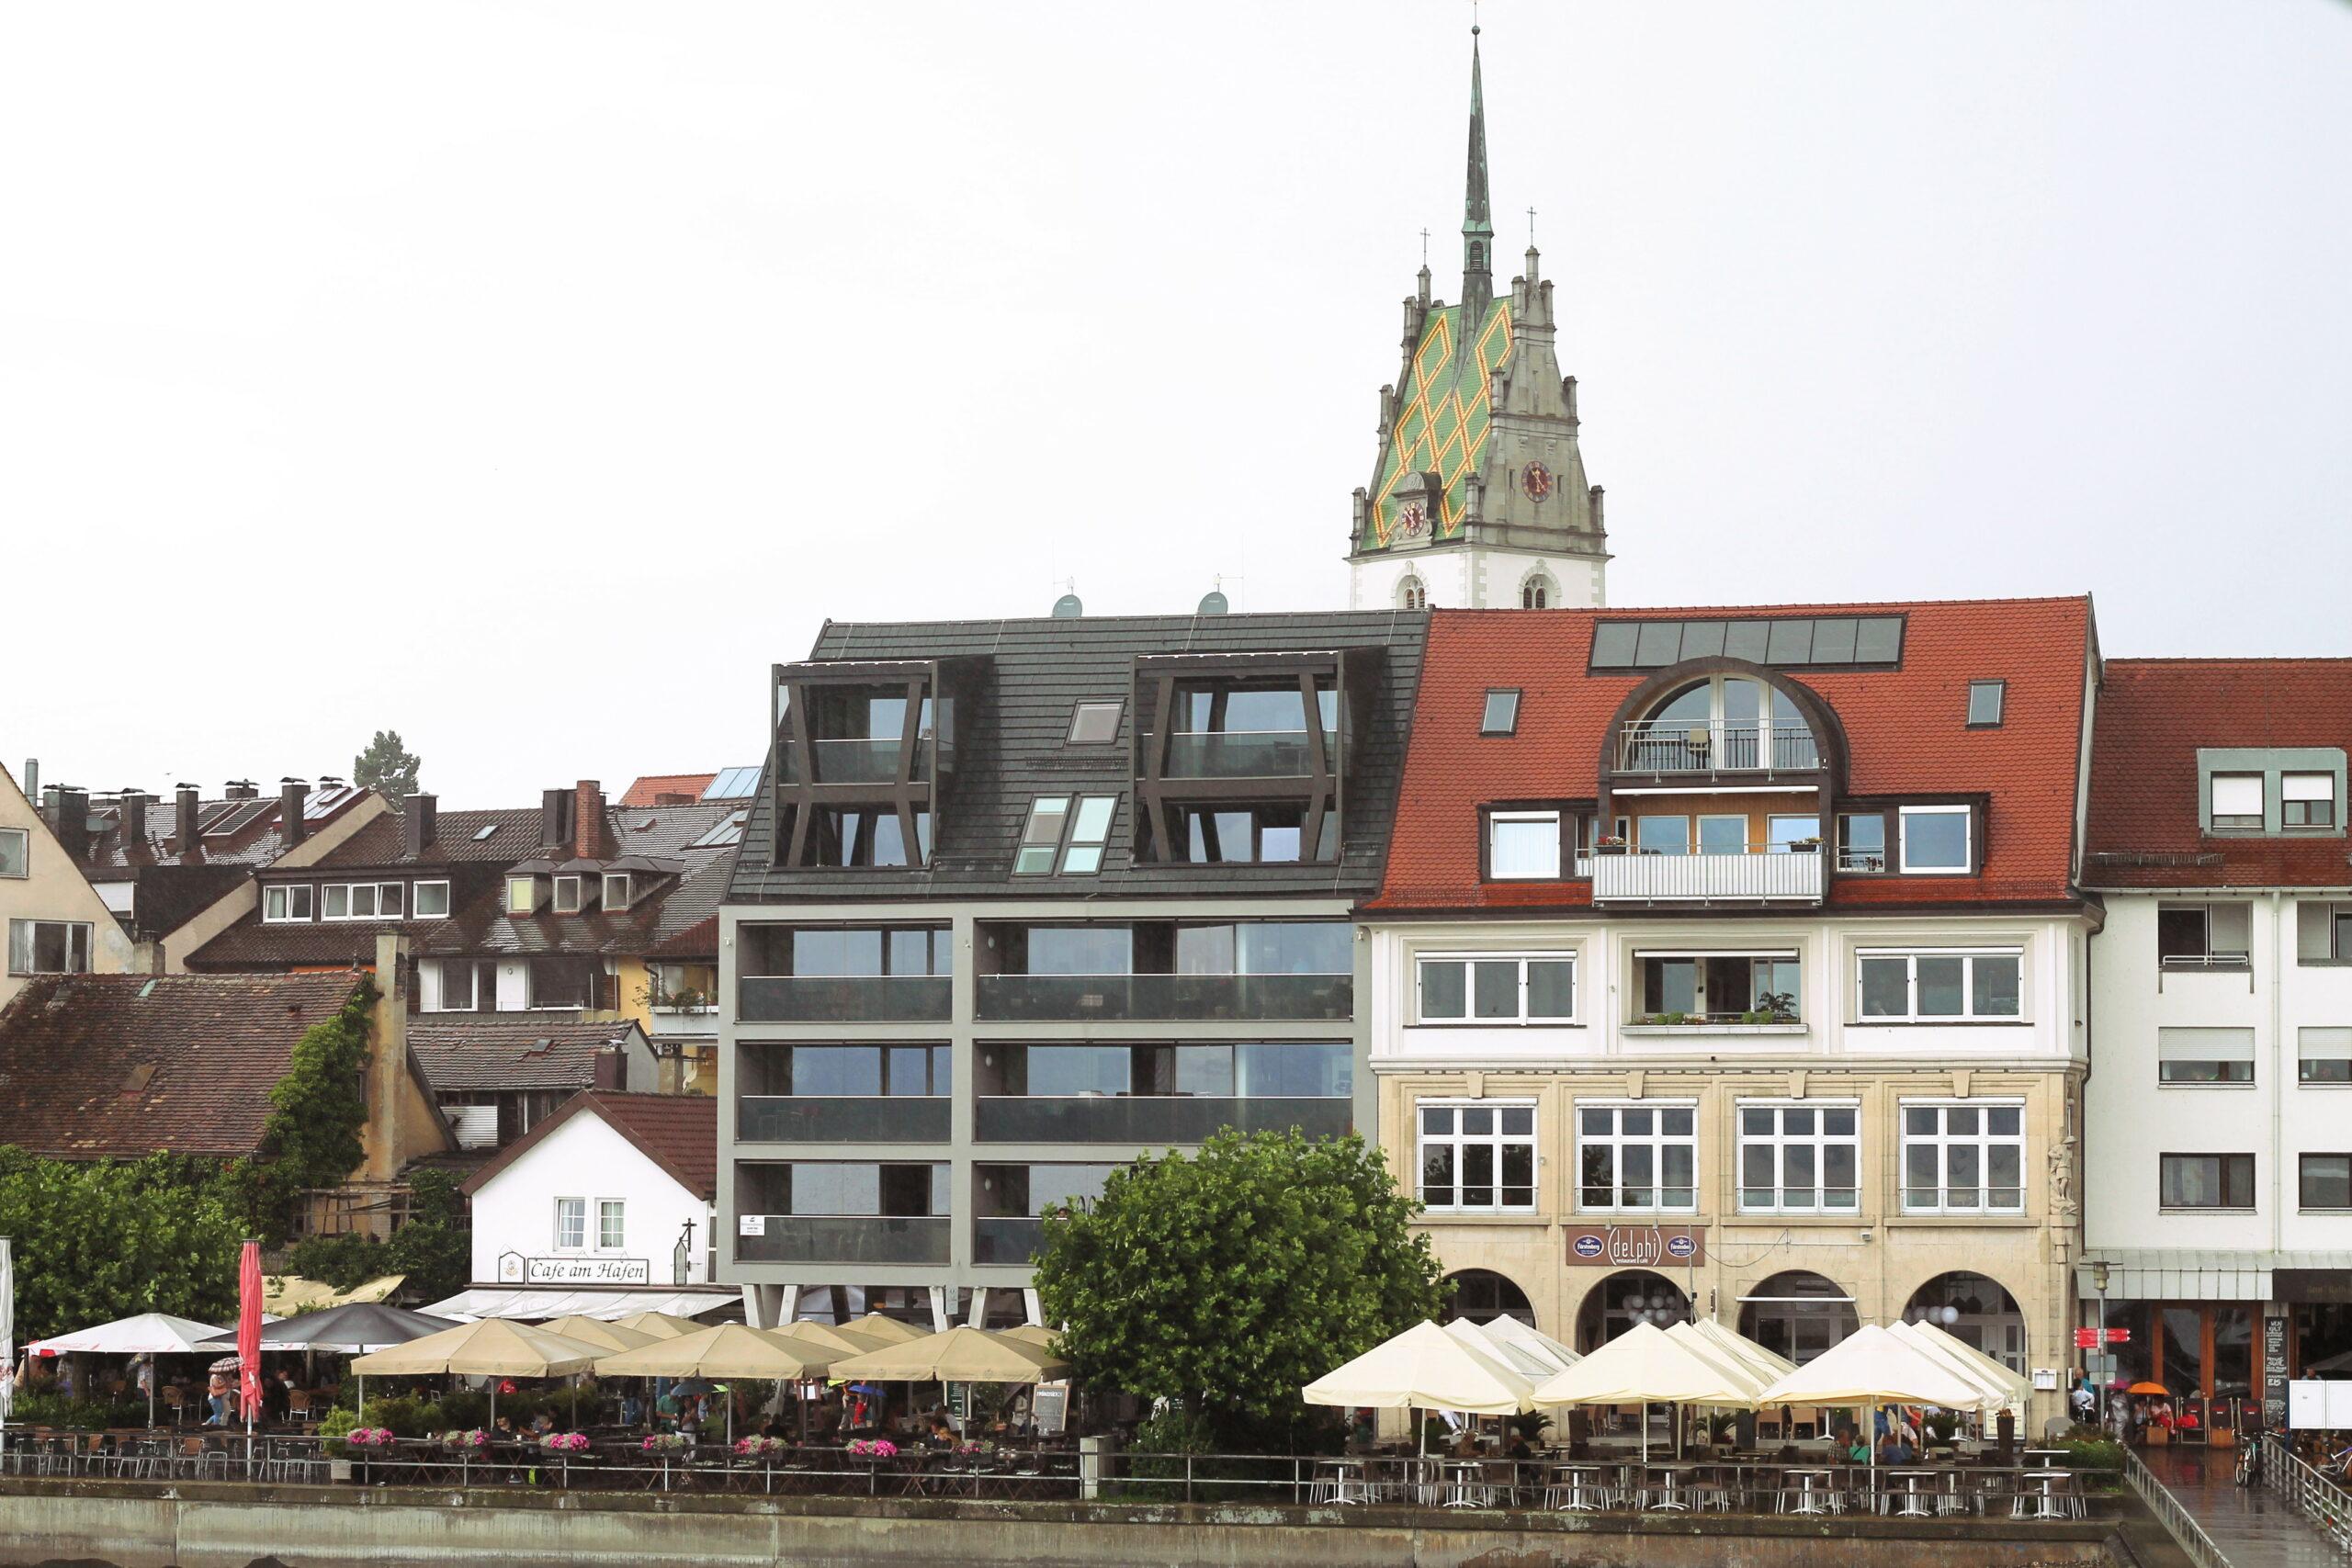 Warum spontan besser ist: Friedrichshafen Kulturufer